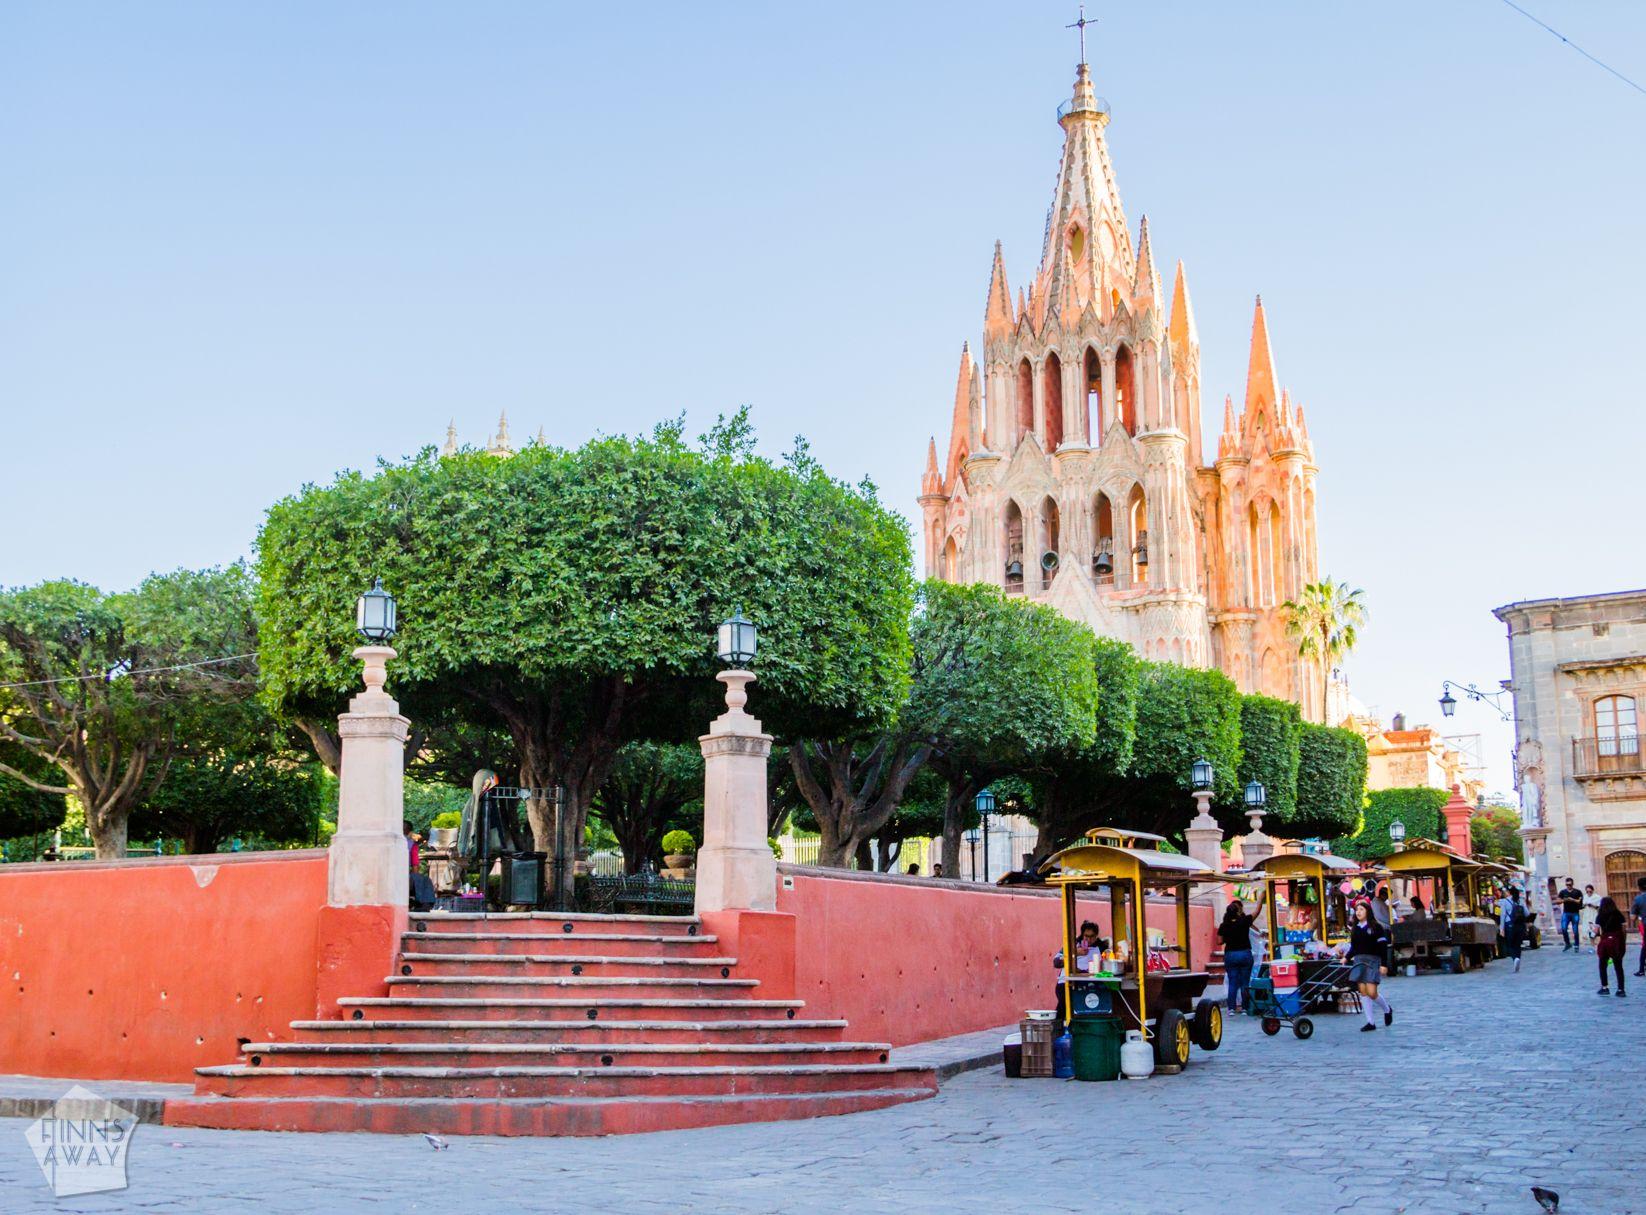 El Jardín, San Miguel de Allende | FinnsAway Travel Blog